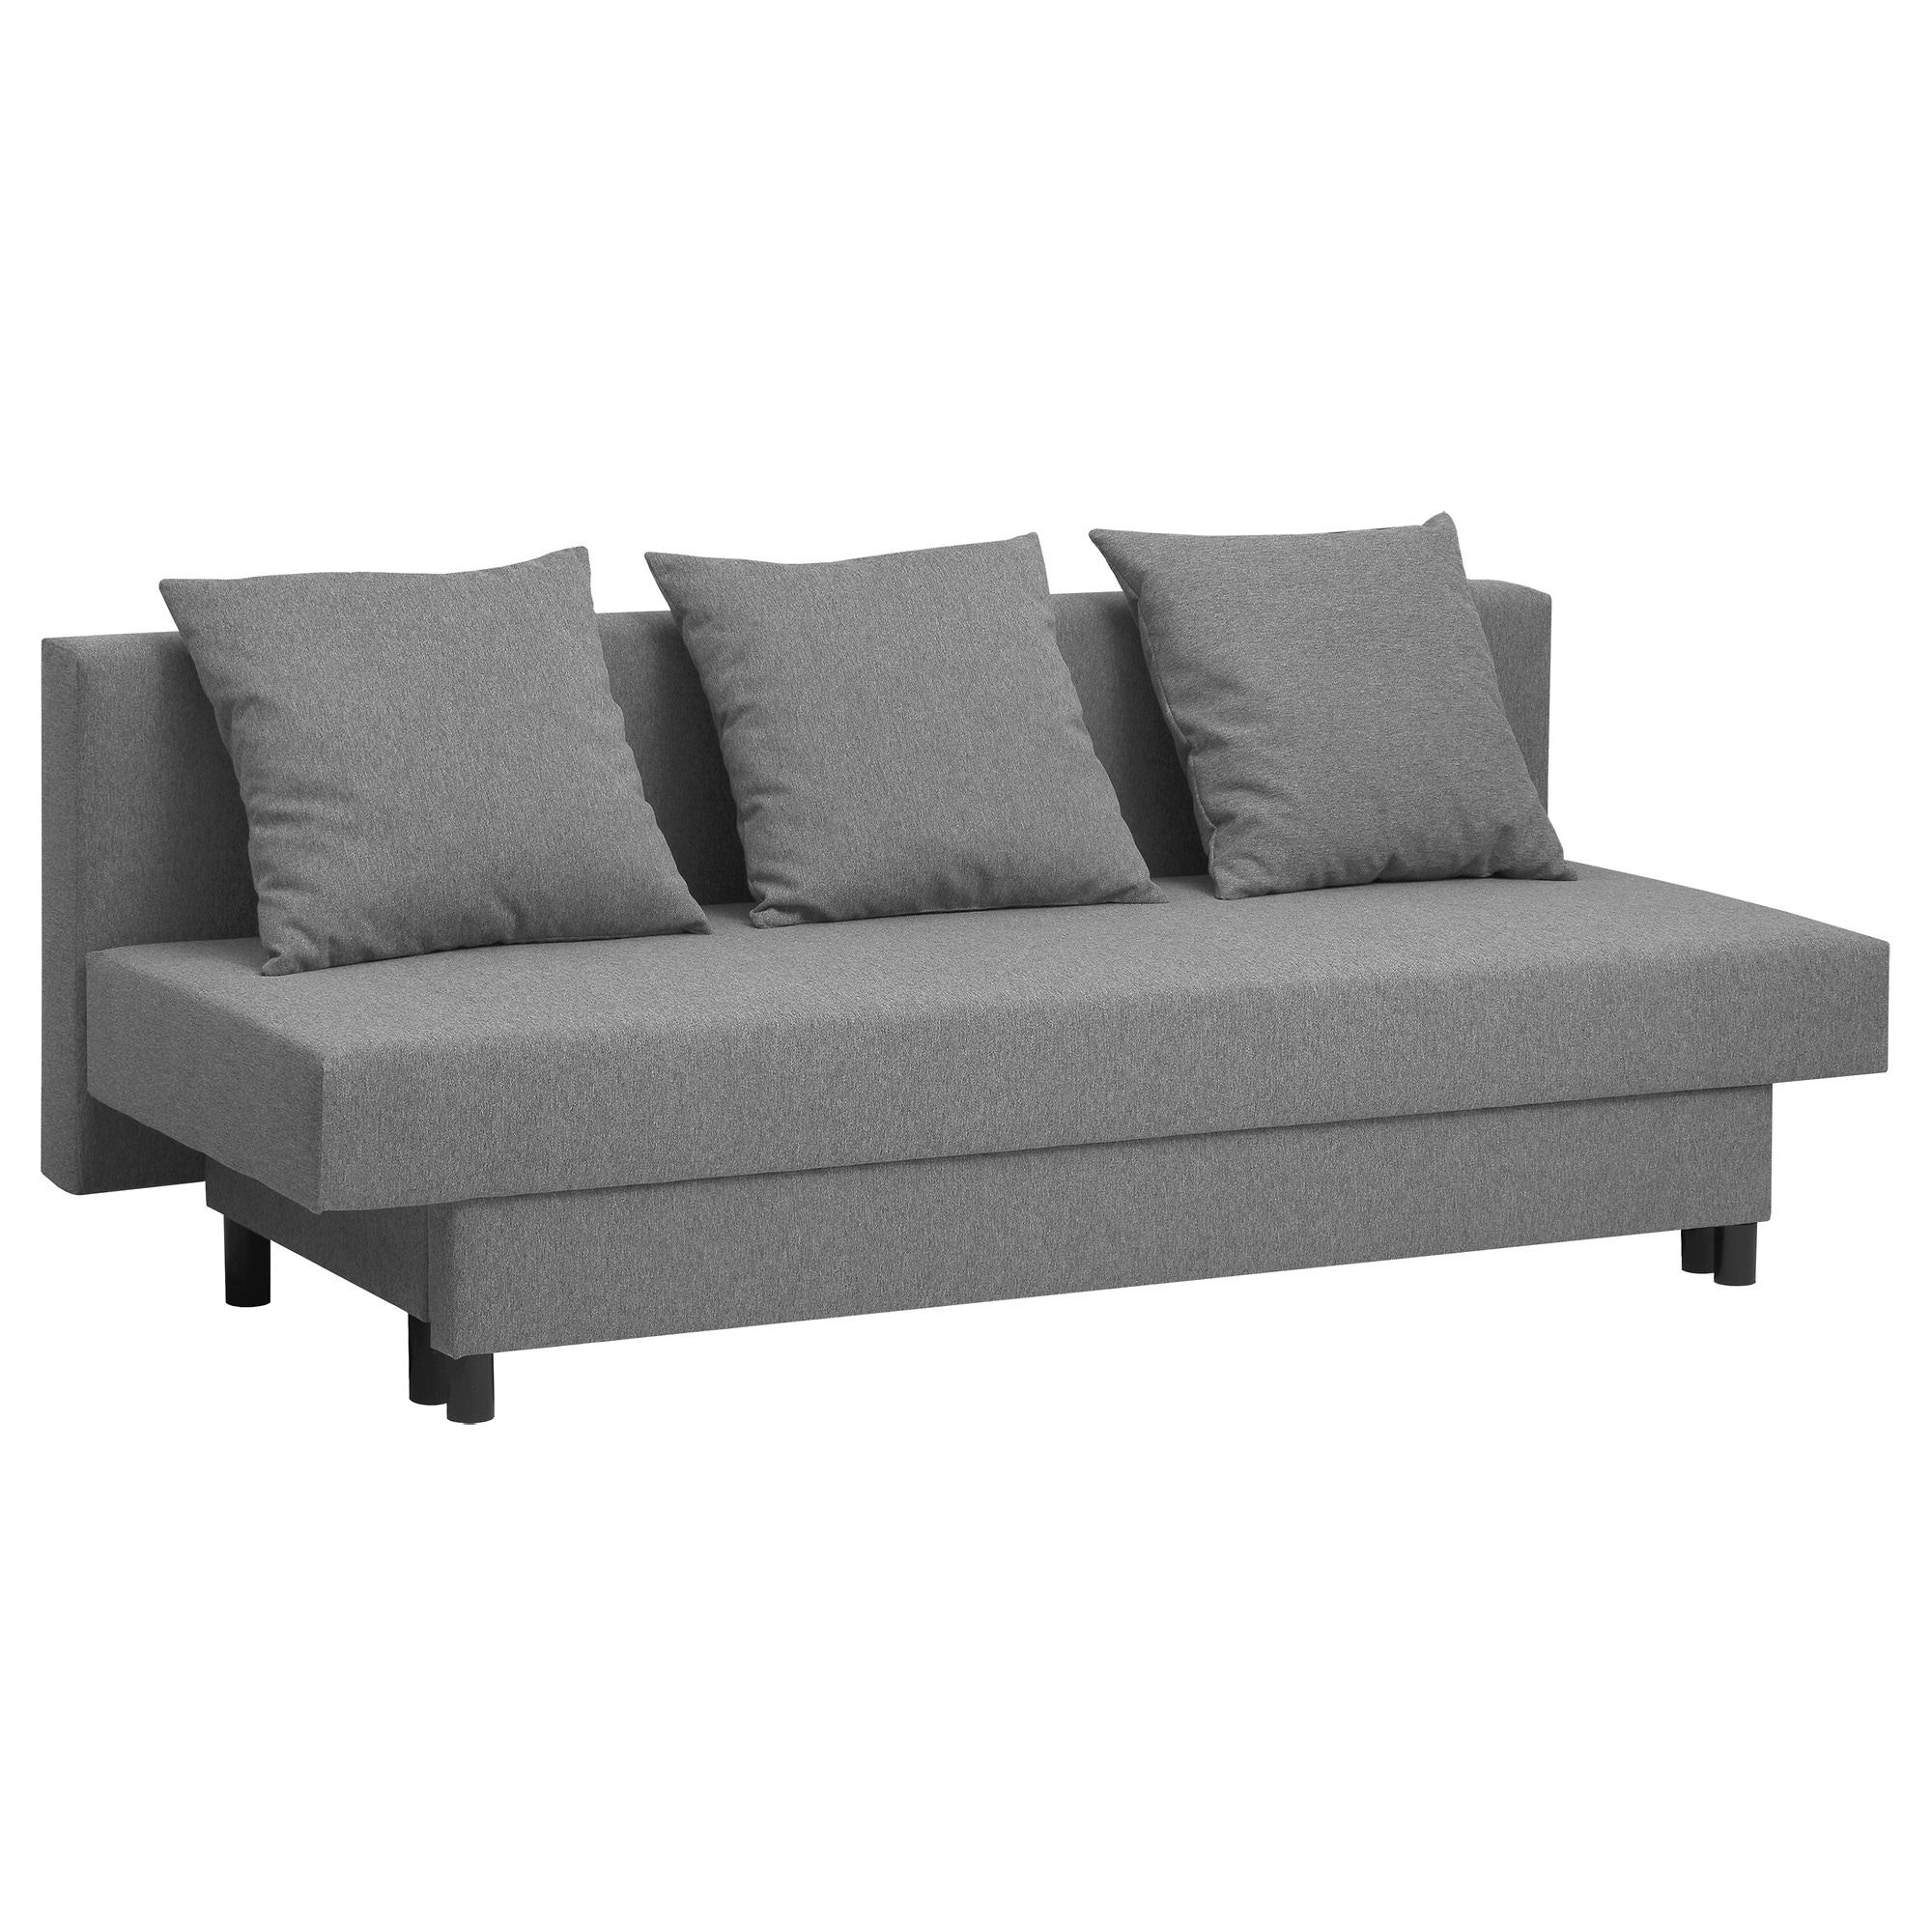 Sofas Valladolid Liquidacion Ftd8 sofà S Y Sillones Pra Online Ikea